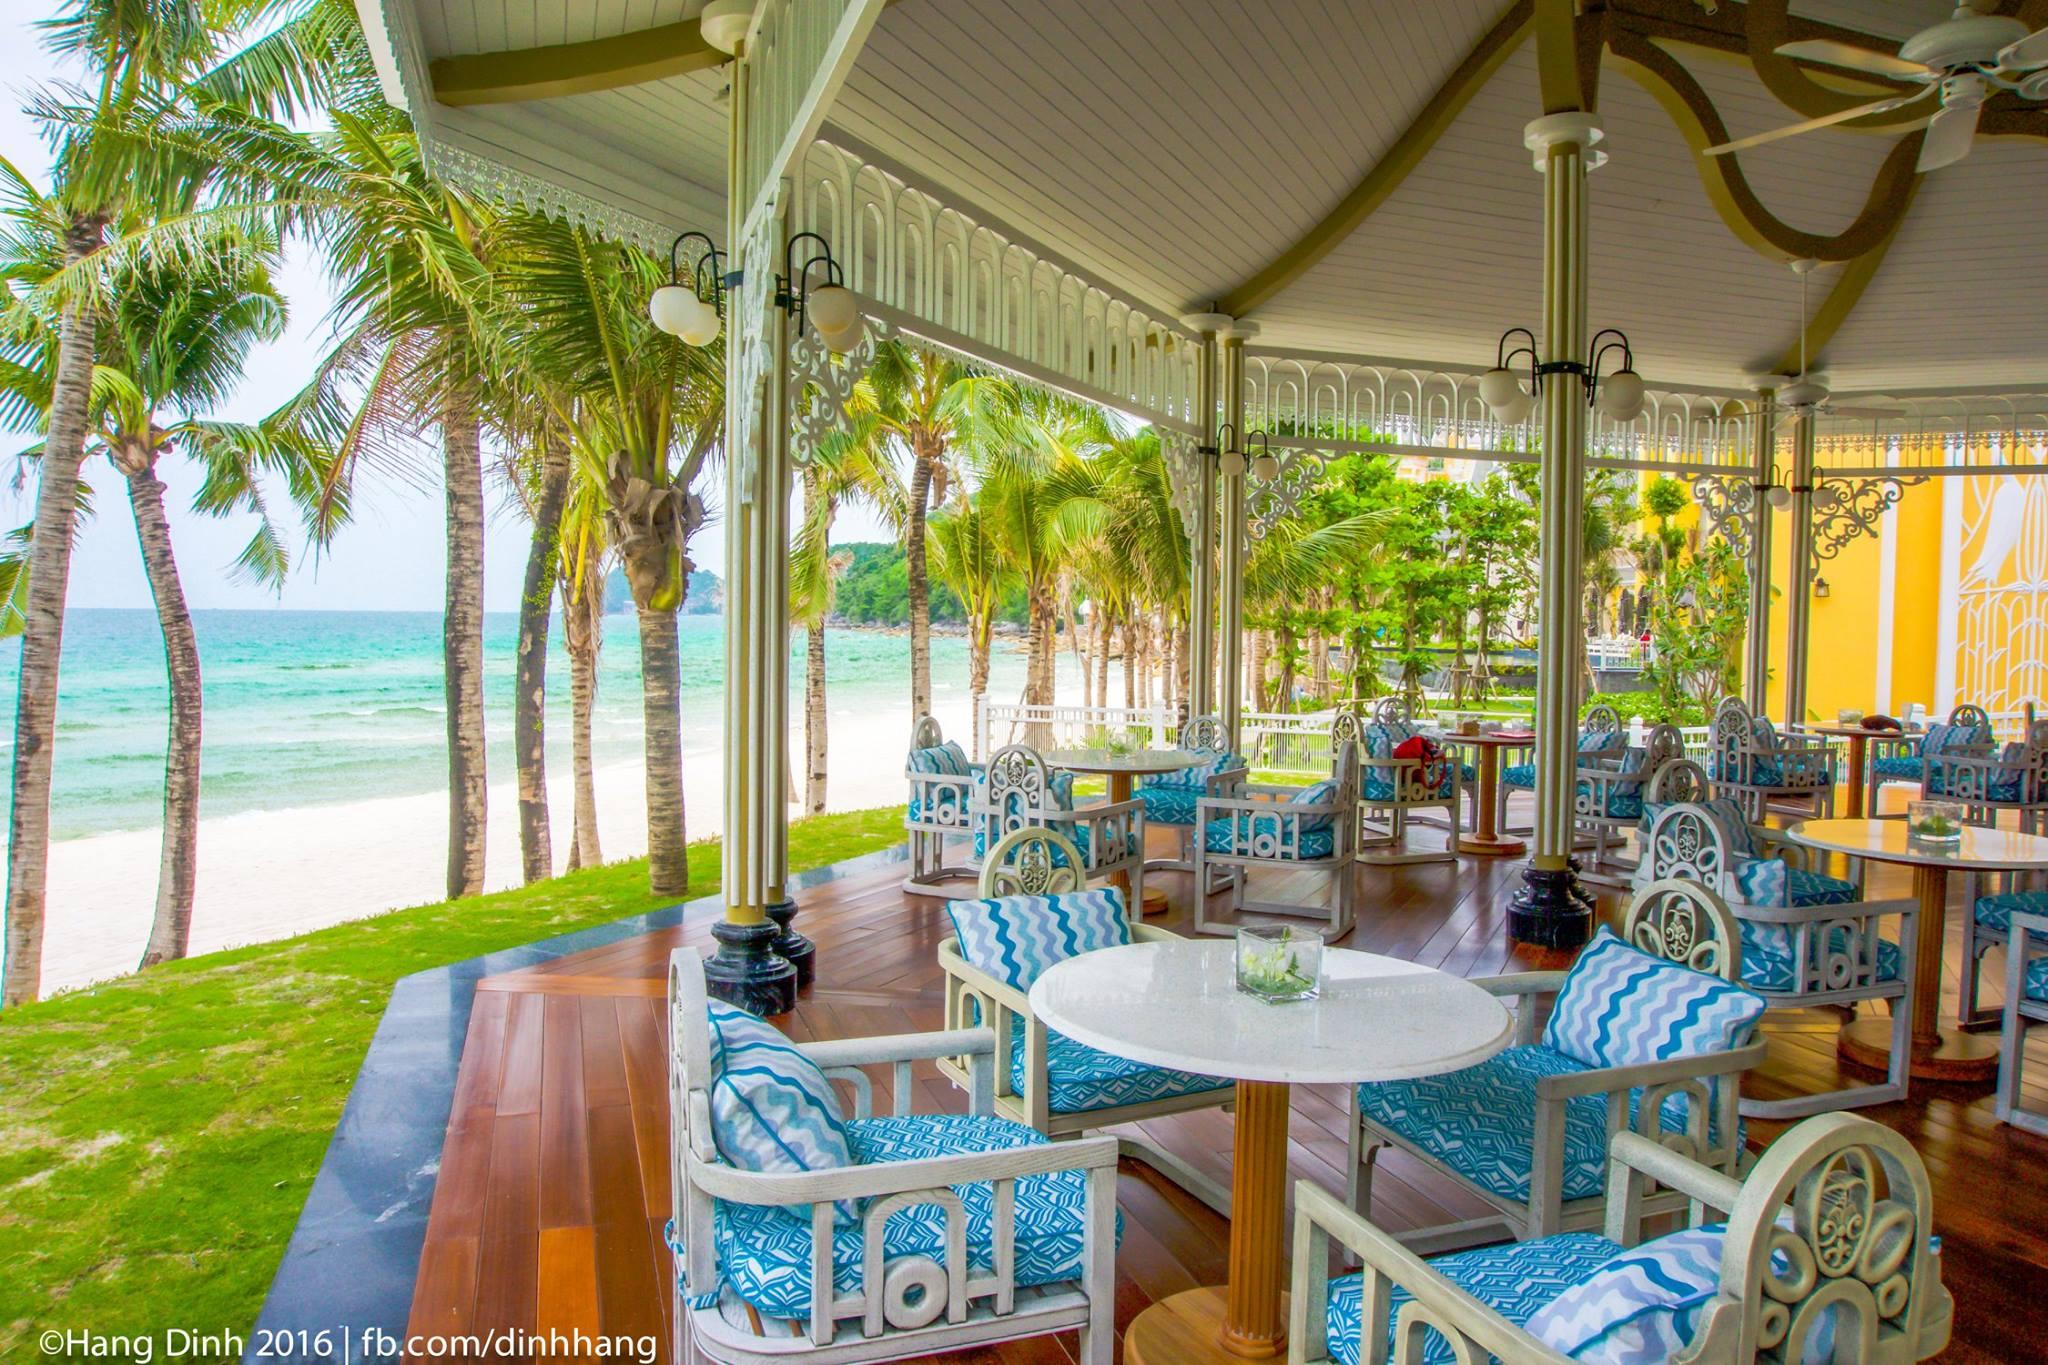 Trải nghiệm resort xa hoa như thiên đường ở Phú Quốc: Đẹp choáng ngợp, ăn ngon không thốt nên lời! - Ảnh 27.